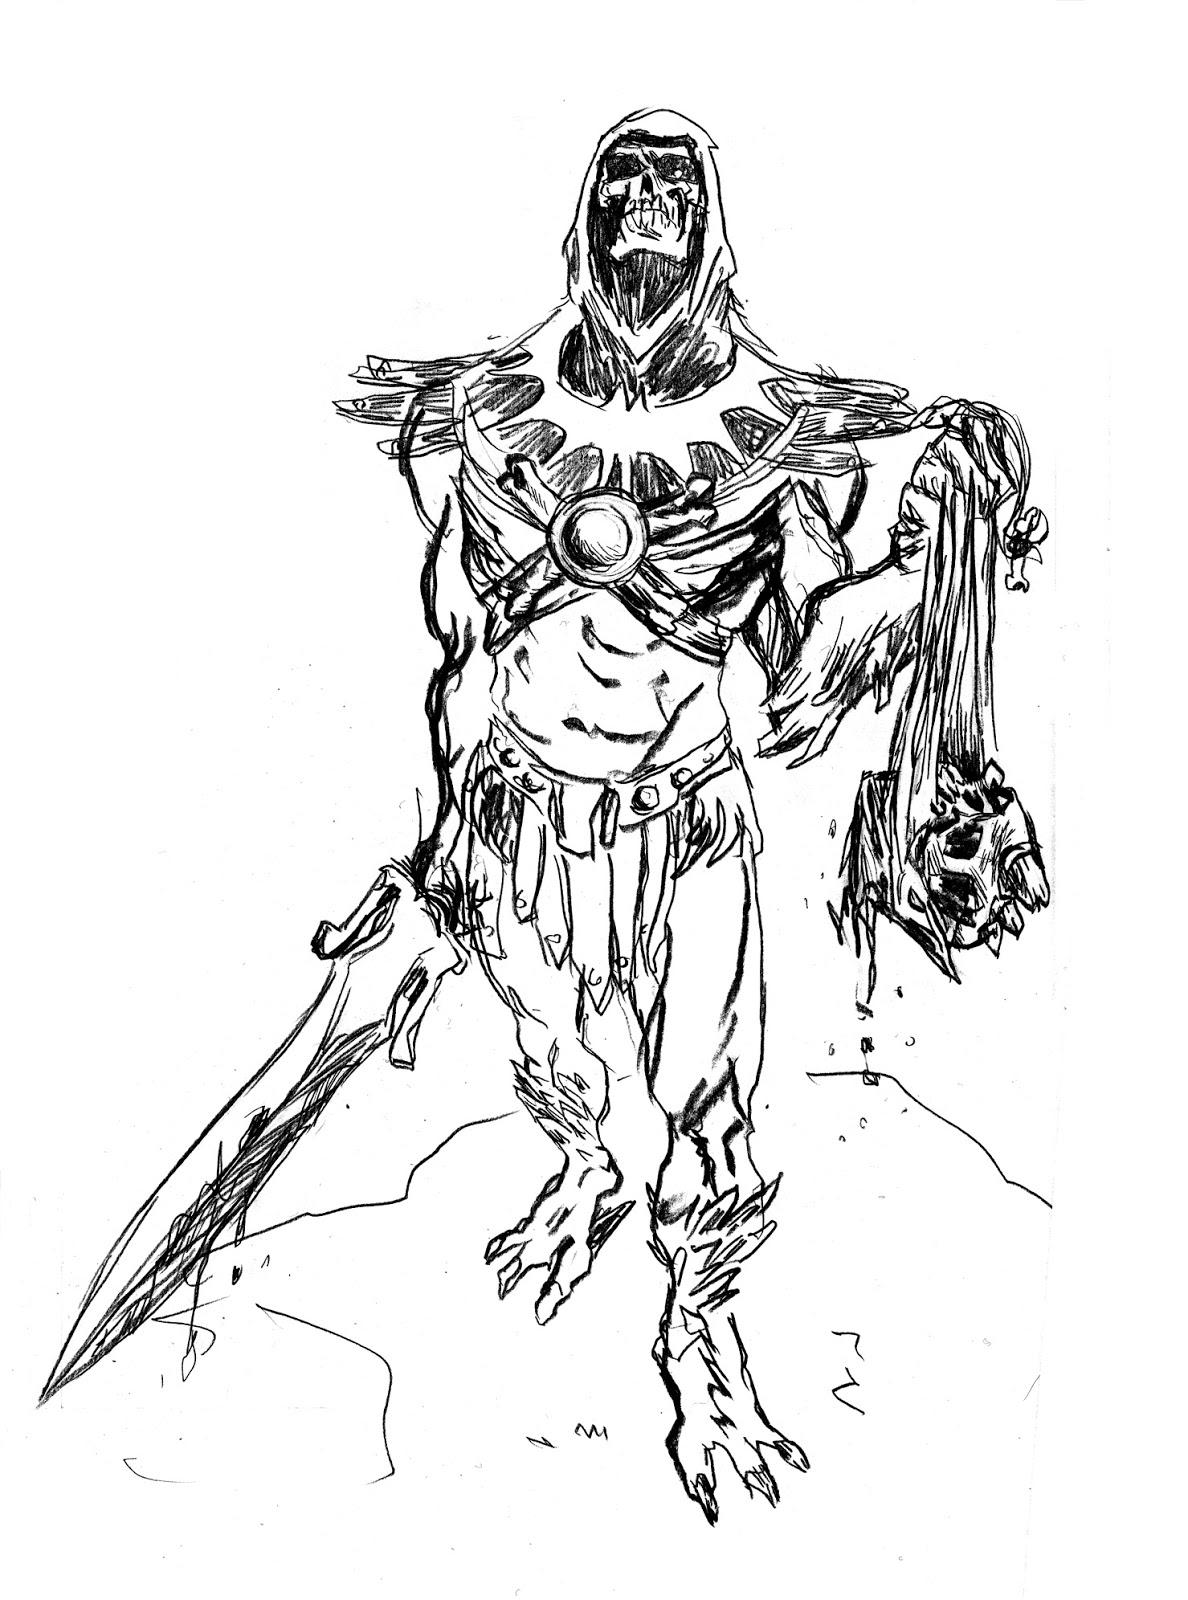 antoine dodé: Skeletor fan art